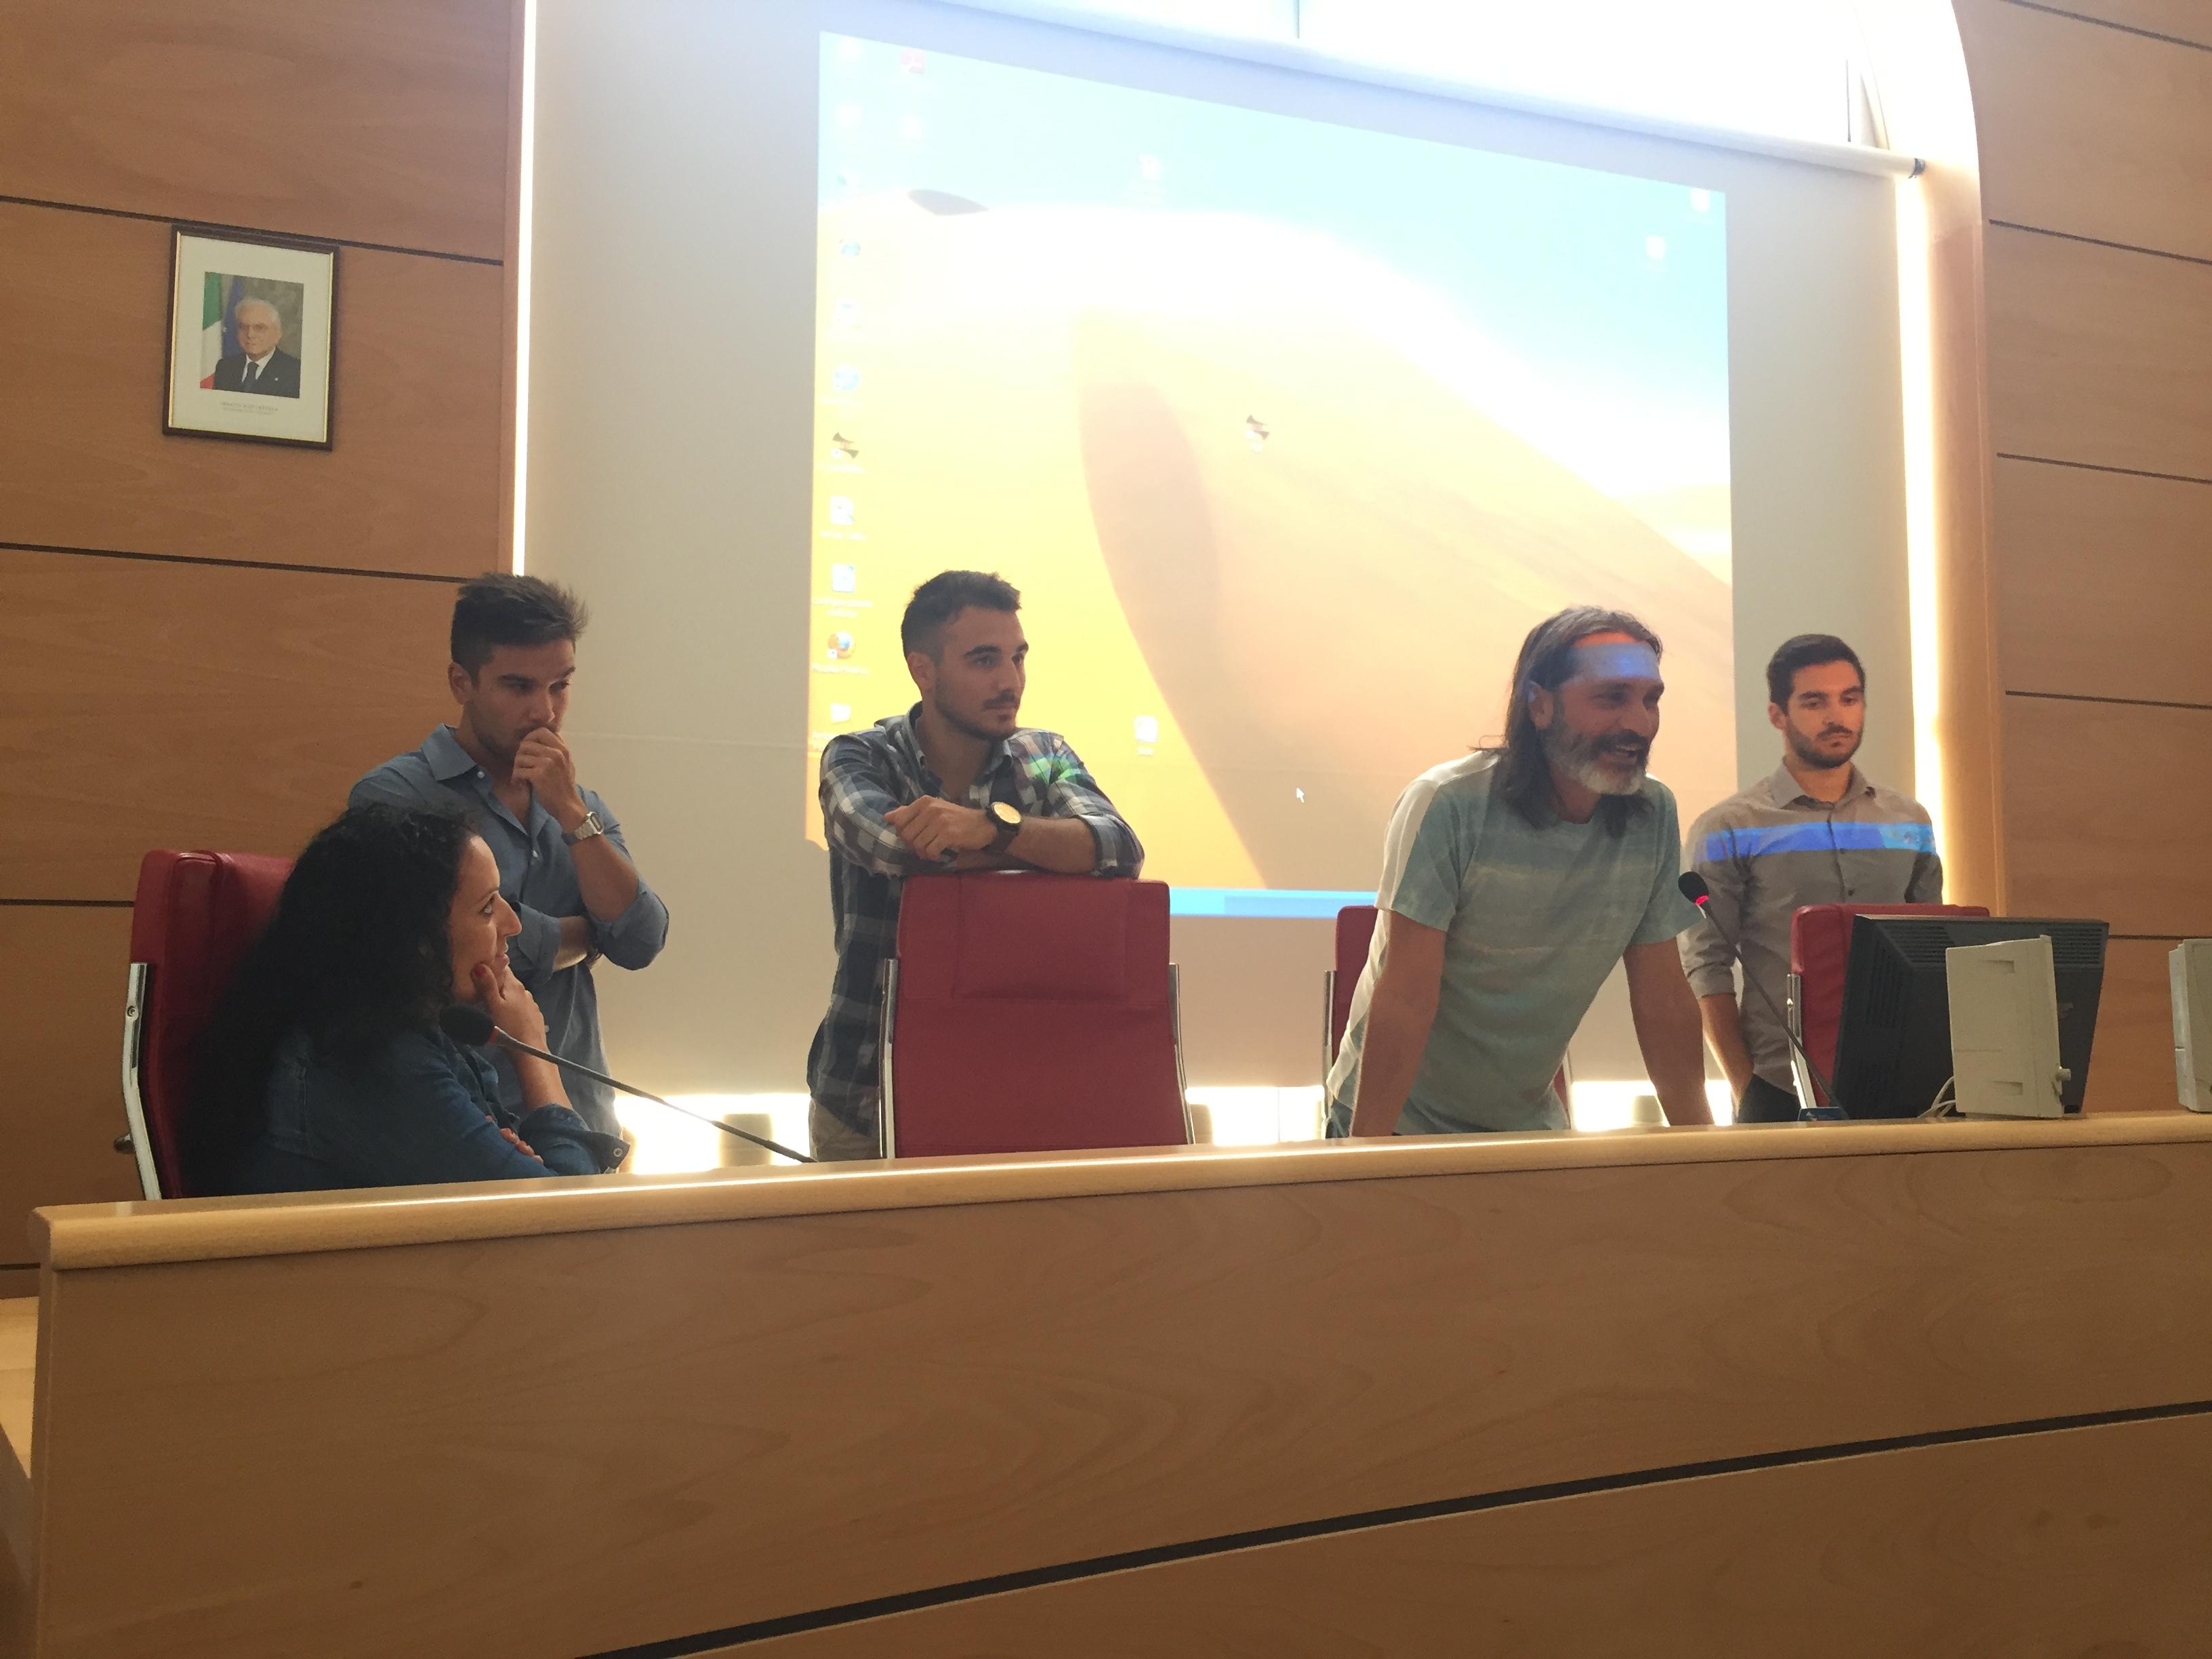 LAST LIGHT E' IL NUOVO CORTOMETRAGGIO DEI DAY TRIPPERS AMBIENTATO ALL'ASINARA. Presentato nella sala Consiglio a Porto Torres il lavoro realizzato dai giovani videomaker. Sarà visibile sul web da sabato 12 agosto 2017.